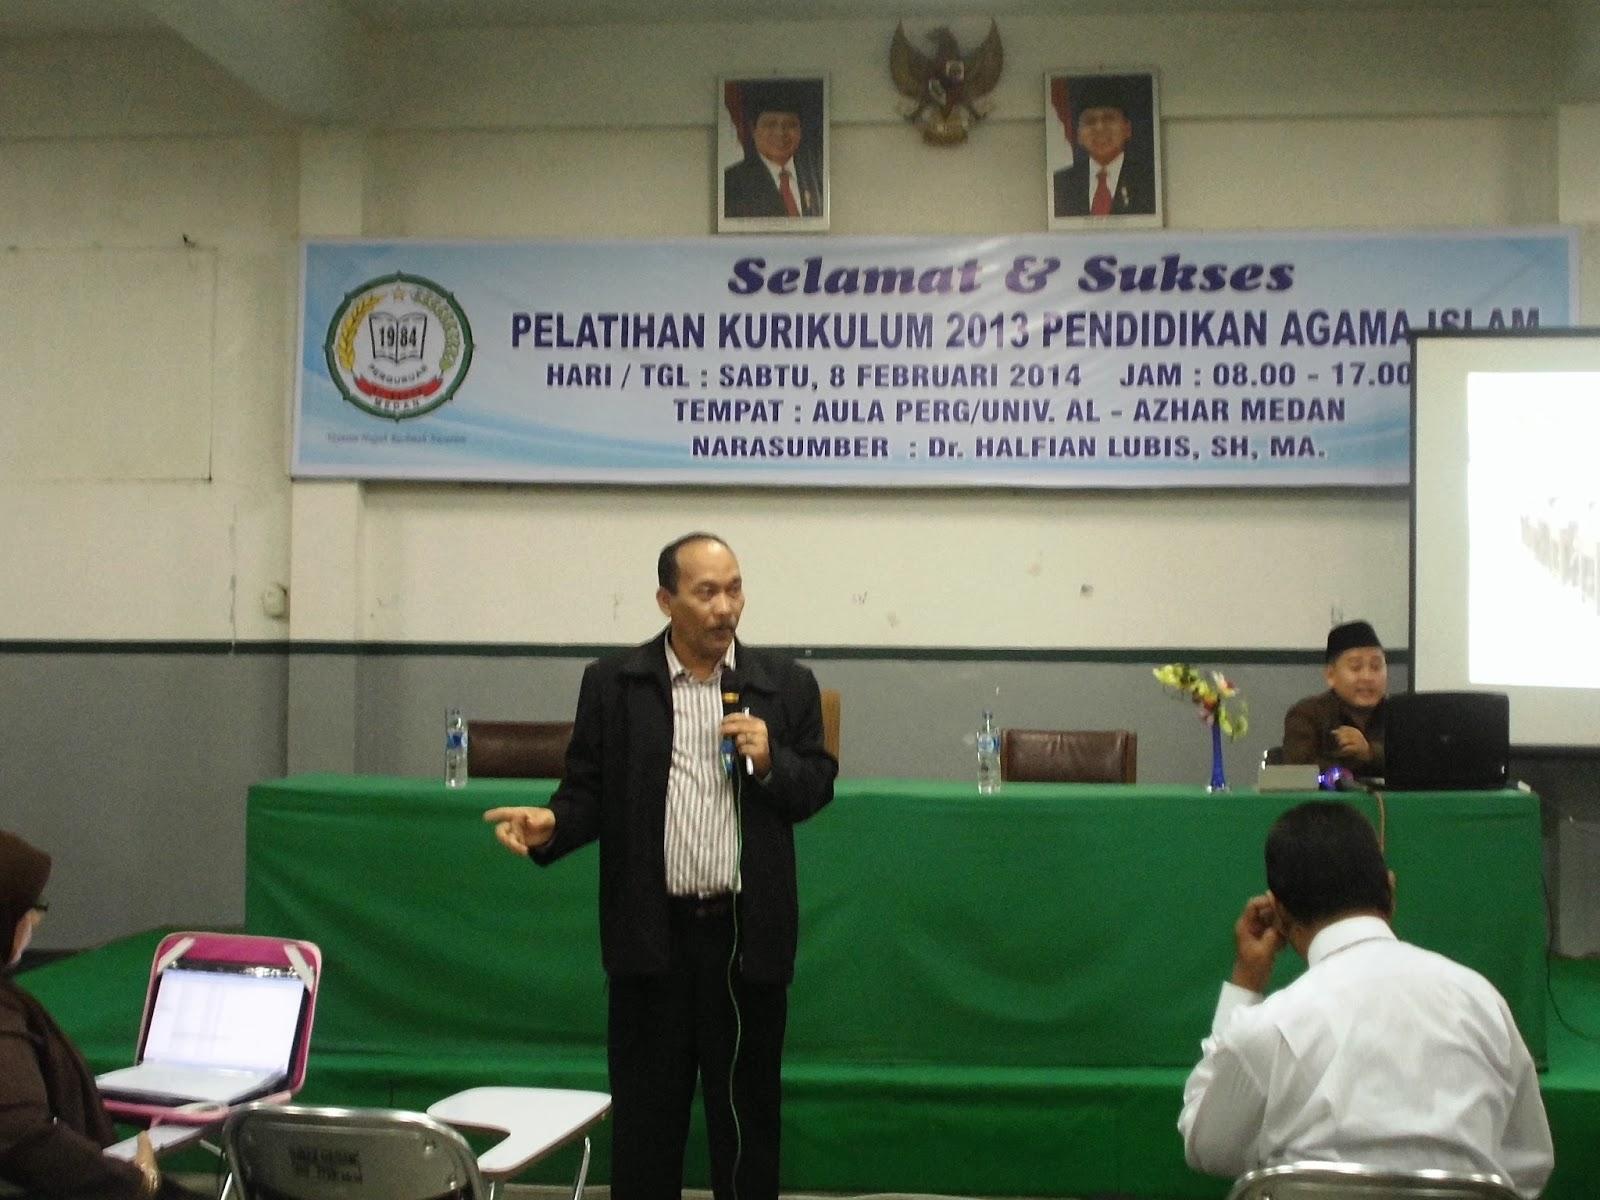 """MEDAN Sabtu 8 Februari 2014 Perguruan Al Azhar Medan mengadakan inovasi pendidikan yaitu """"PELATIHAN KURIKULUM 2013 PENDIDIKAN AGAMA ISLAM yang dikhususkan"""